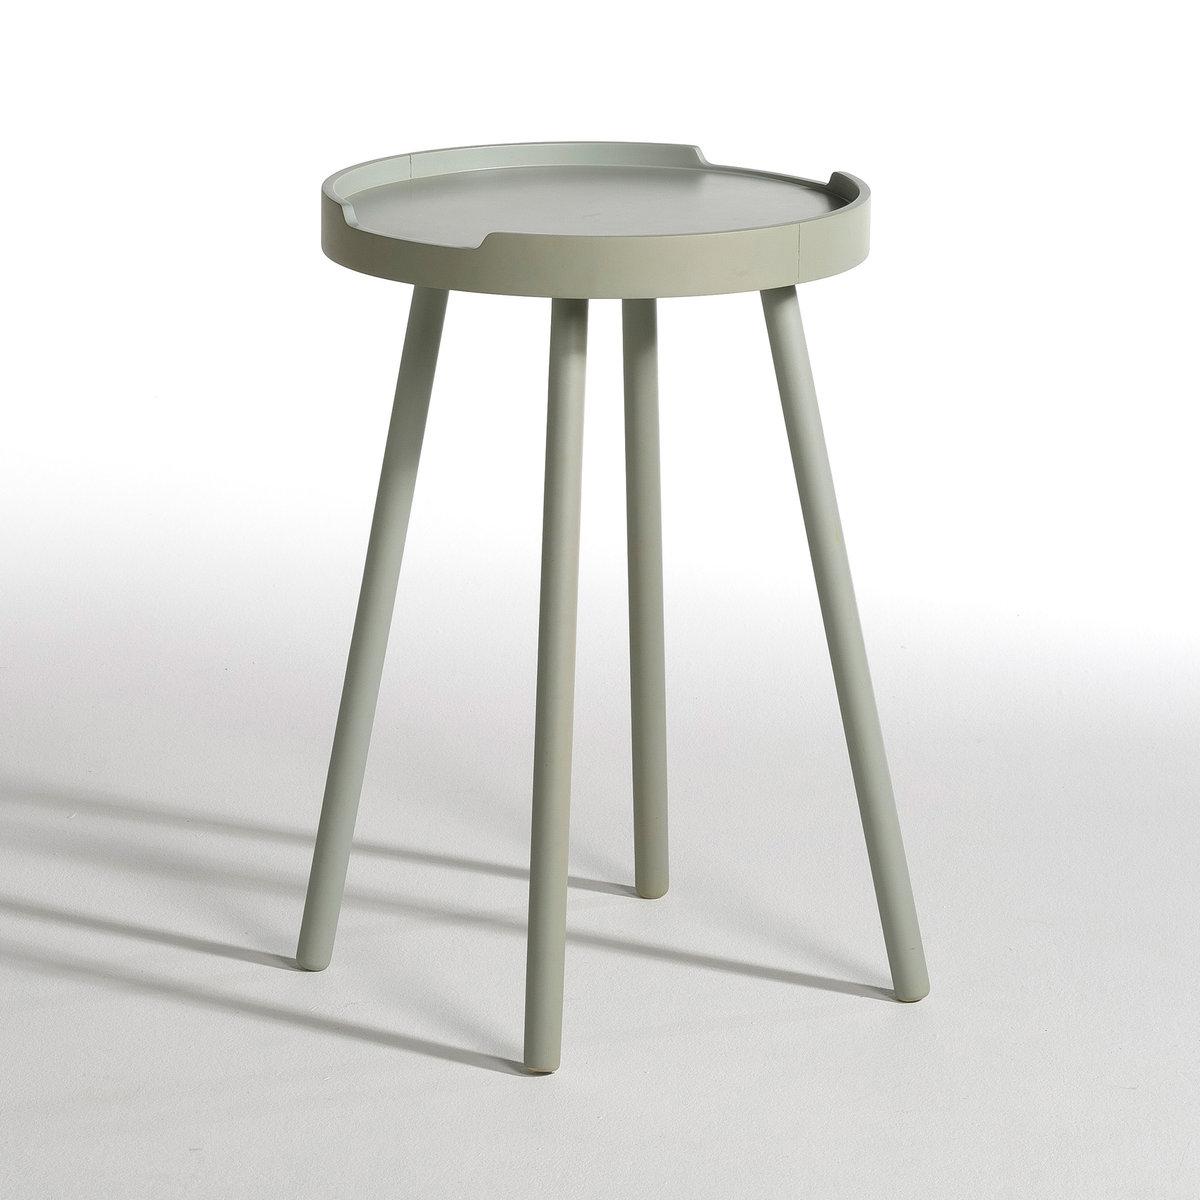 Столик журнальный со съемной столешницей, Visby столик из массива дуба ariles